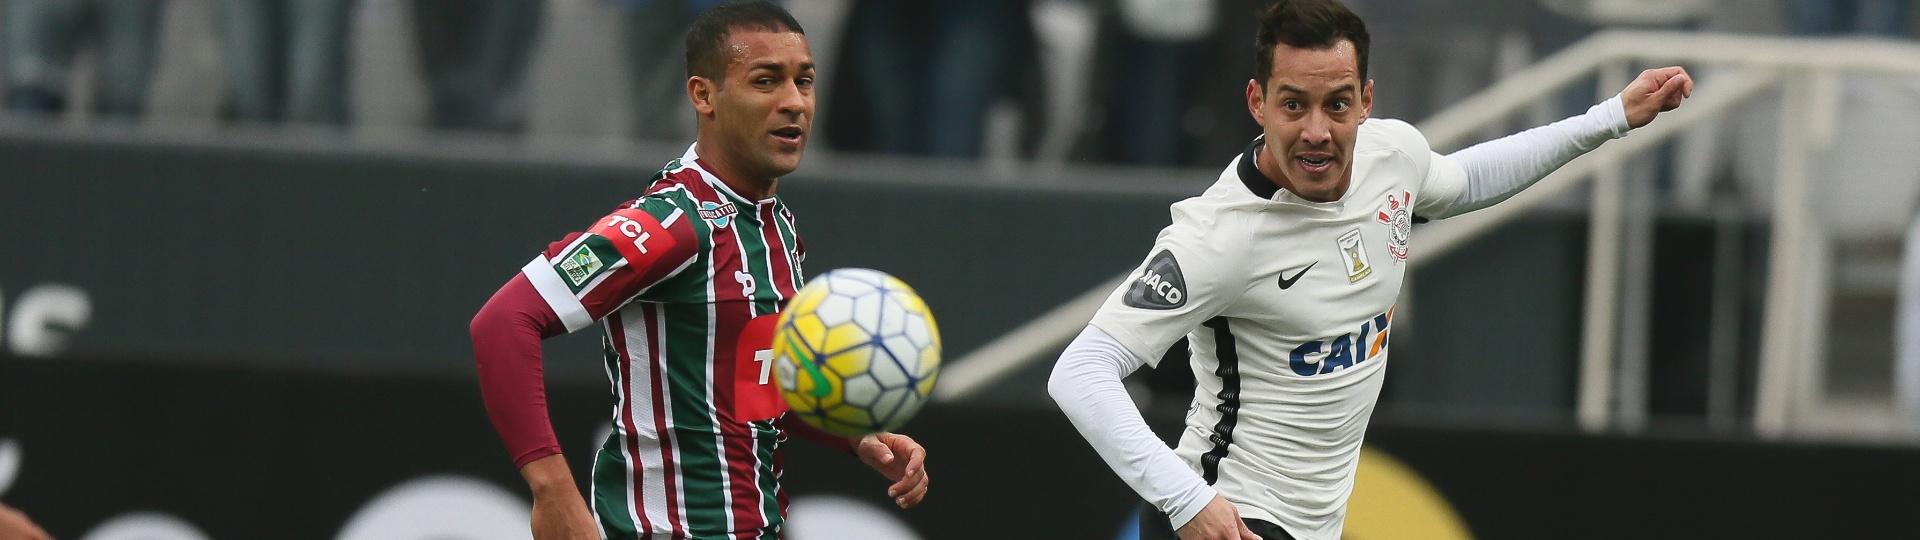 Pierre e Rodriguinho em ação na partida entre Corinthians e Fluminense